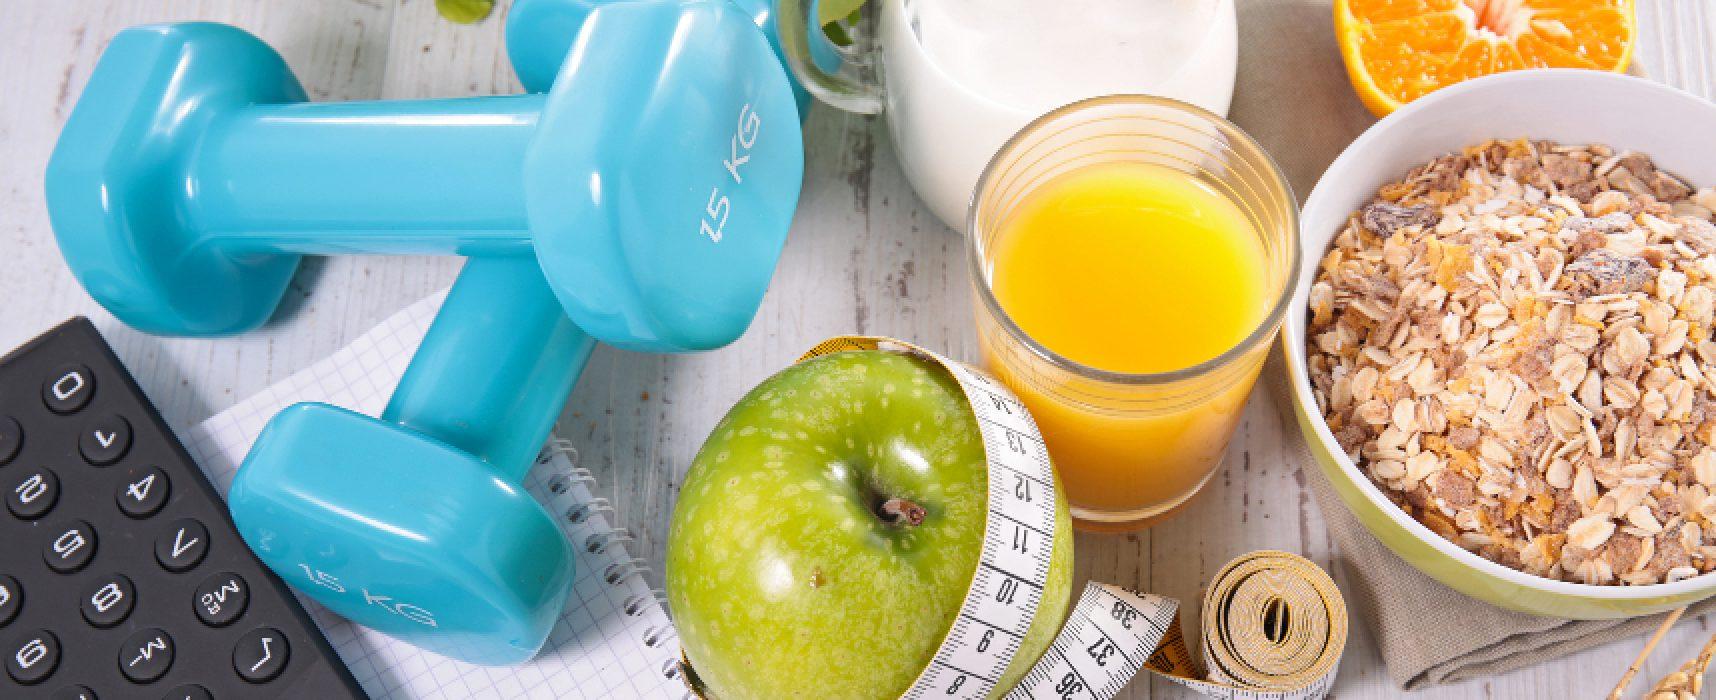 """""""Mangiare è bello, mangiare giusto è meglio"""", incontro su alimentazione e attività fisica"""